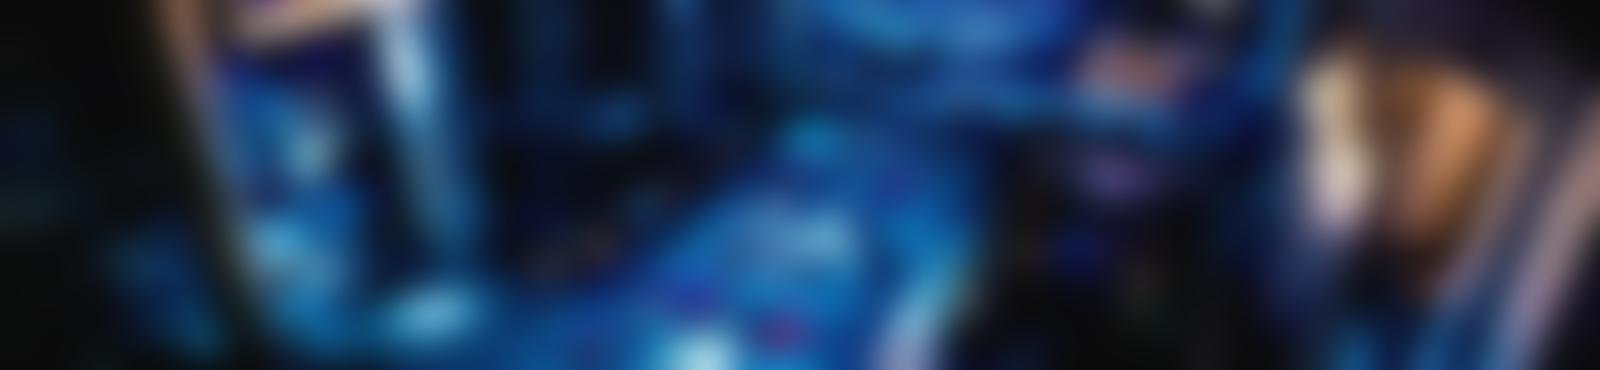 Blurred 3a4cf304 0685 4922 9430 e6f5a23ffa33